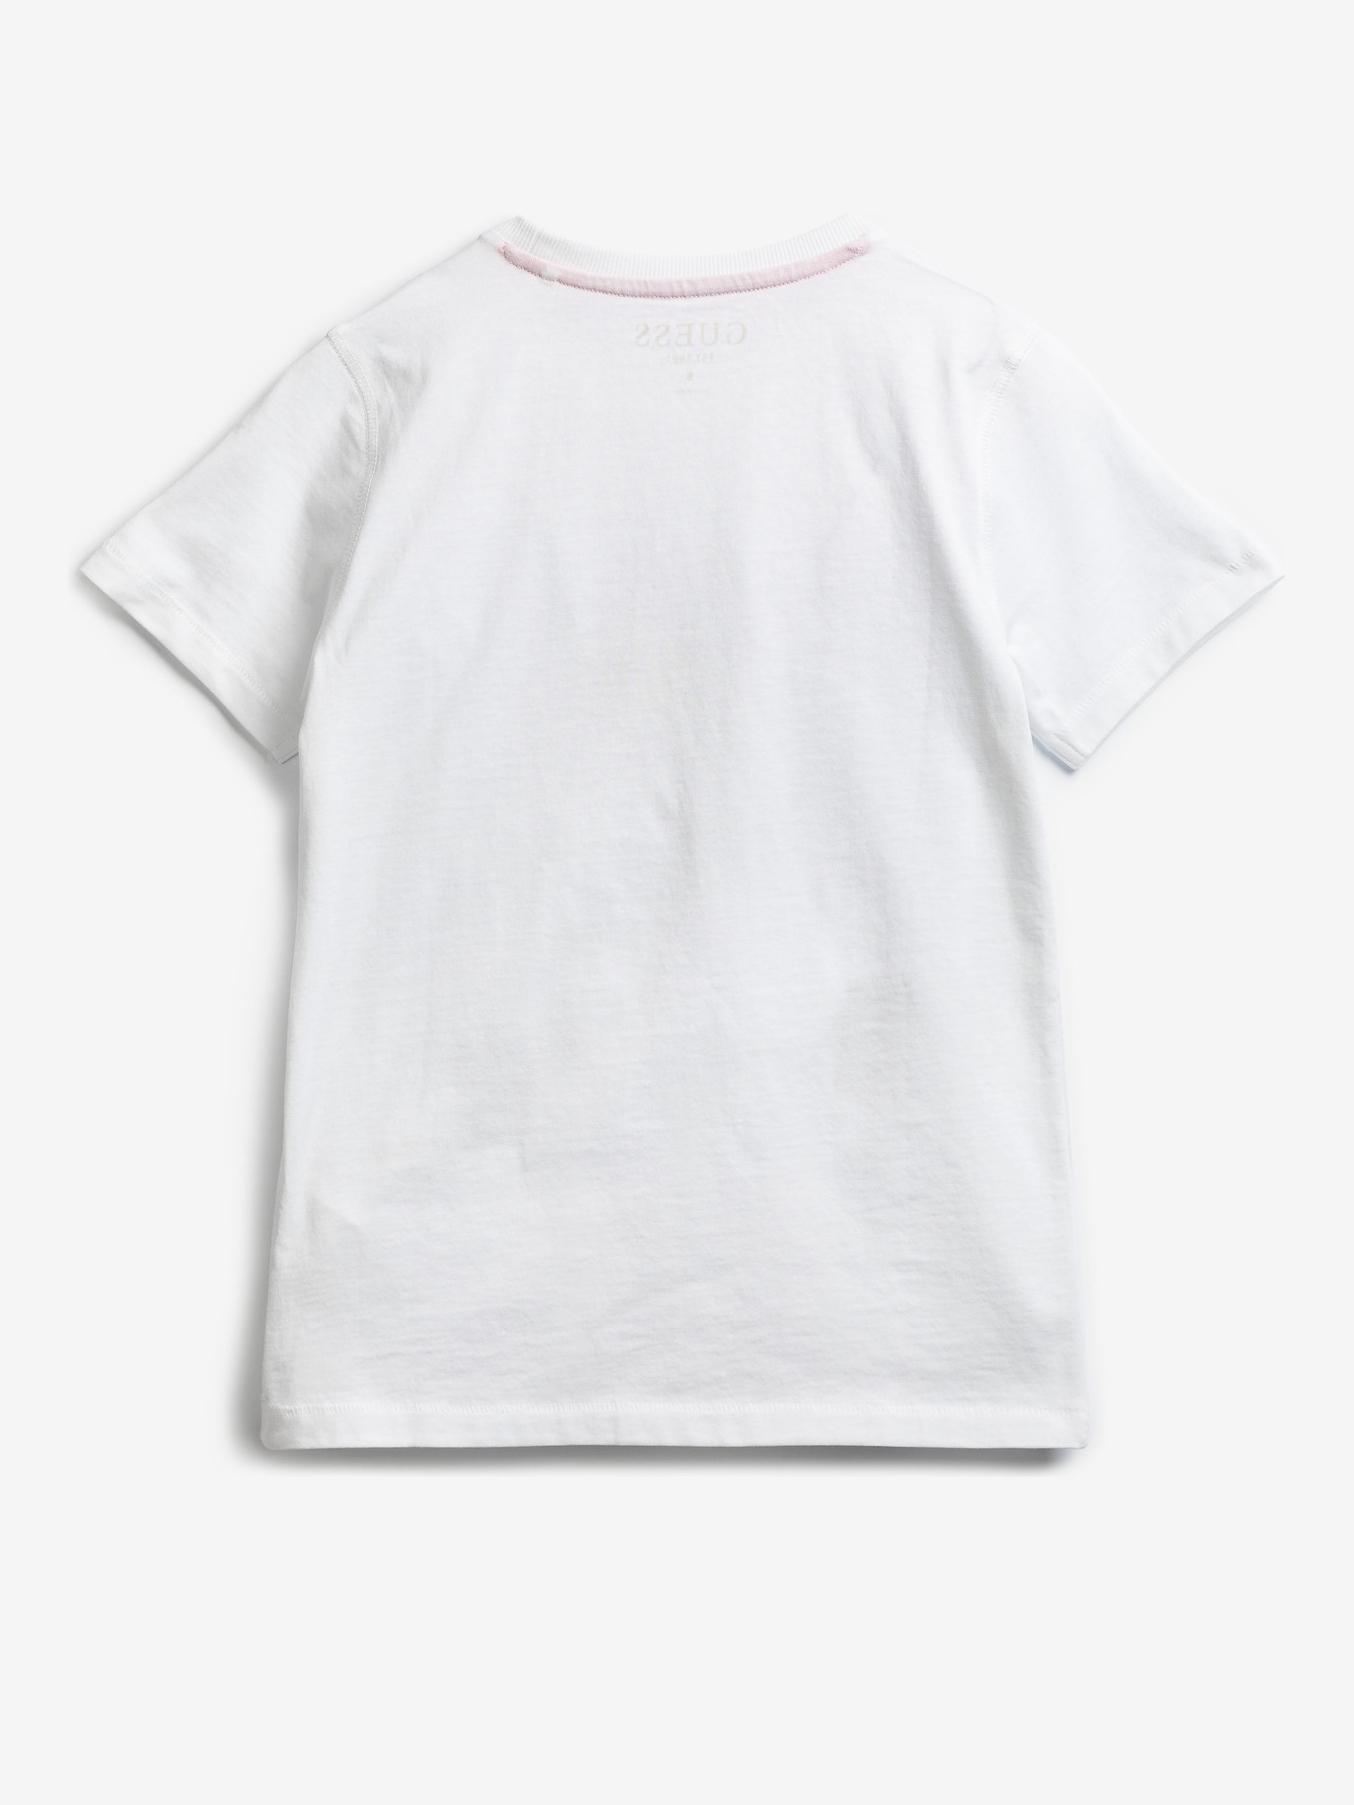 Guess Boys t-shirt white